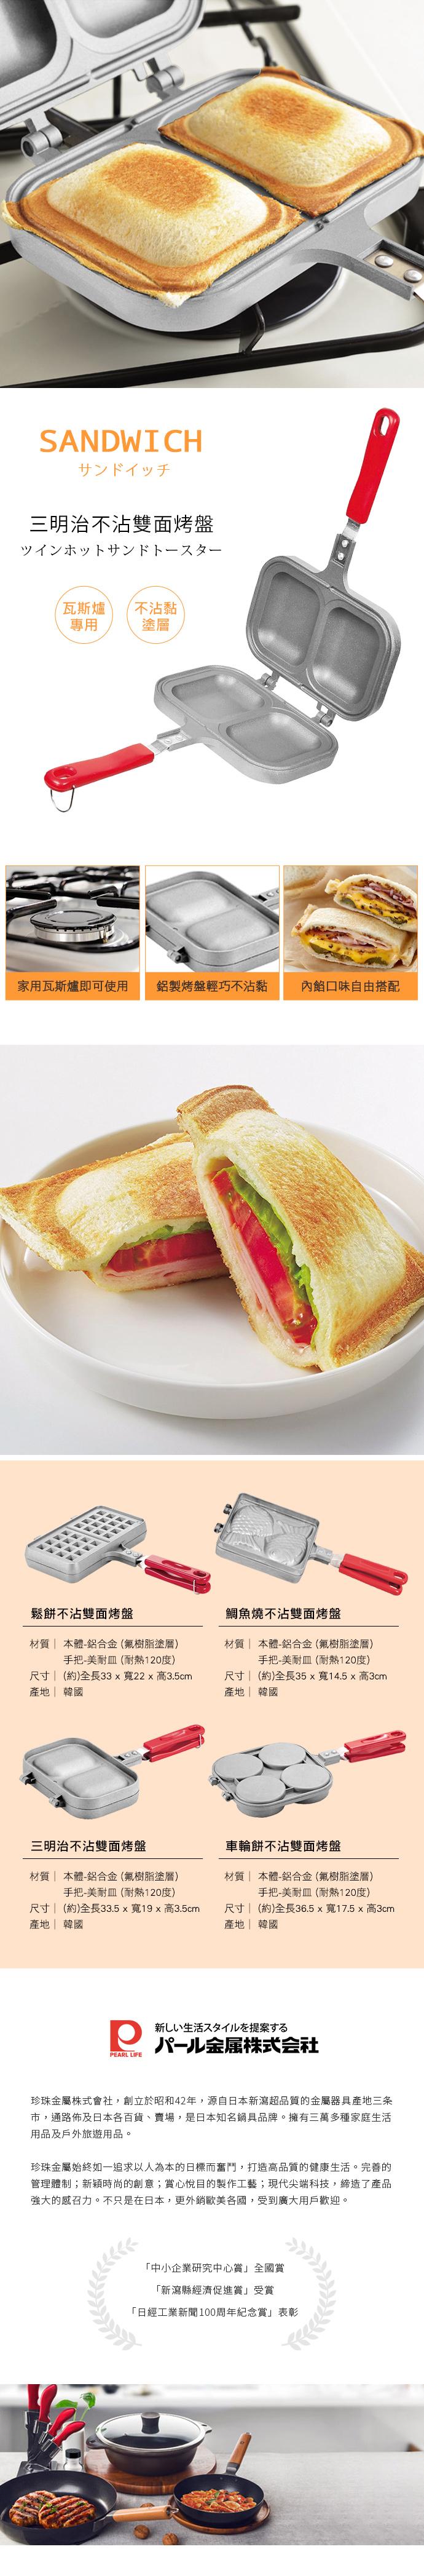 珍珠金屬|三明治不沾雙面烤盤-銀灰色